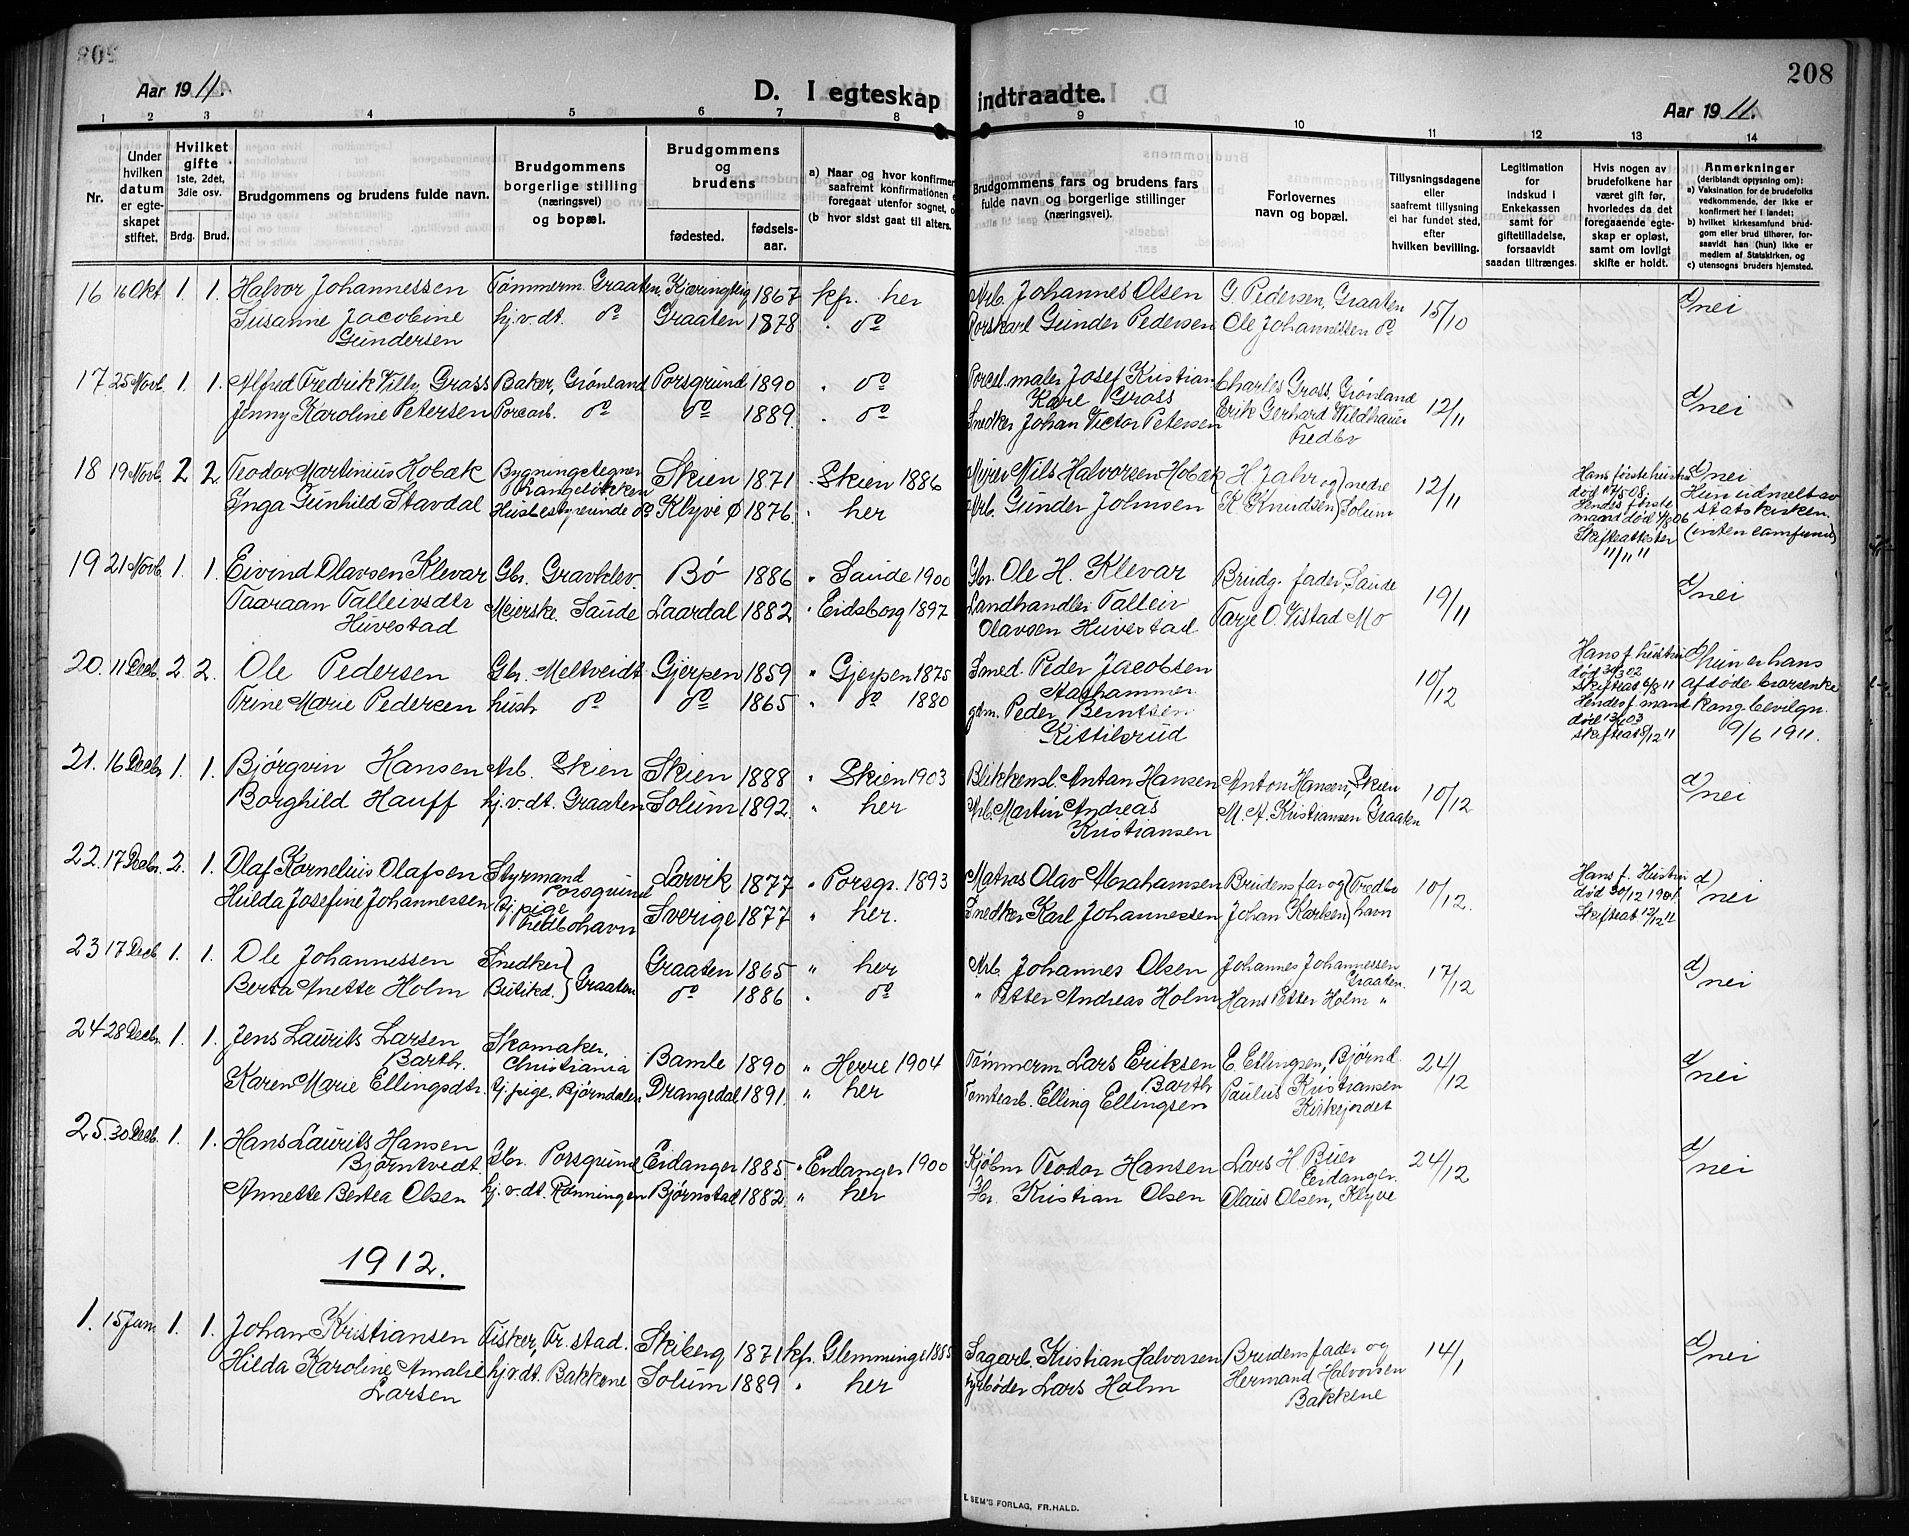 SAKO, Solum kirkebøker, G/Ga/L0009: Klokkerbok nr. I 9, 1909-1922, s. 208